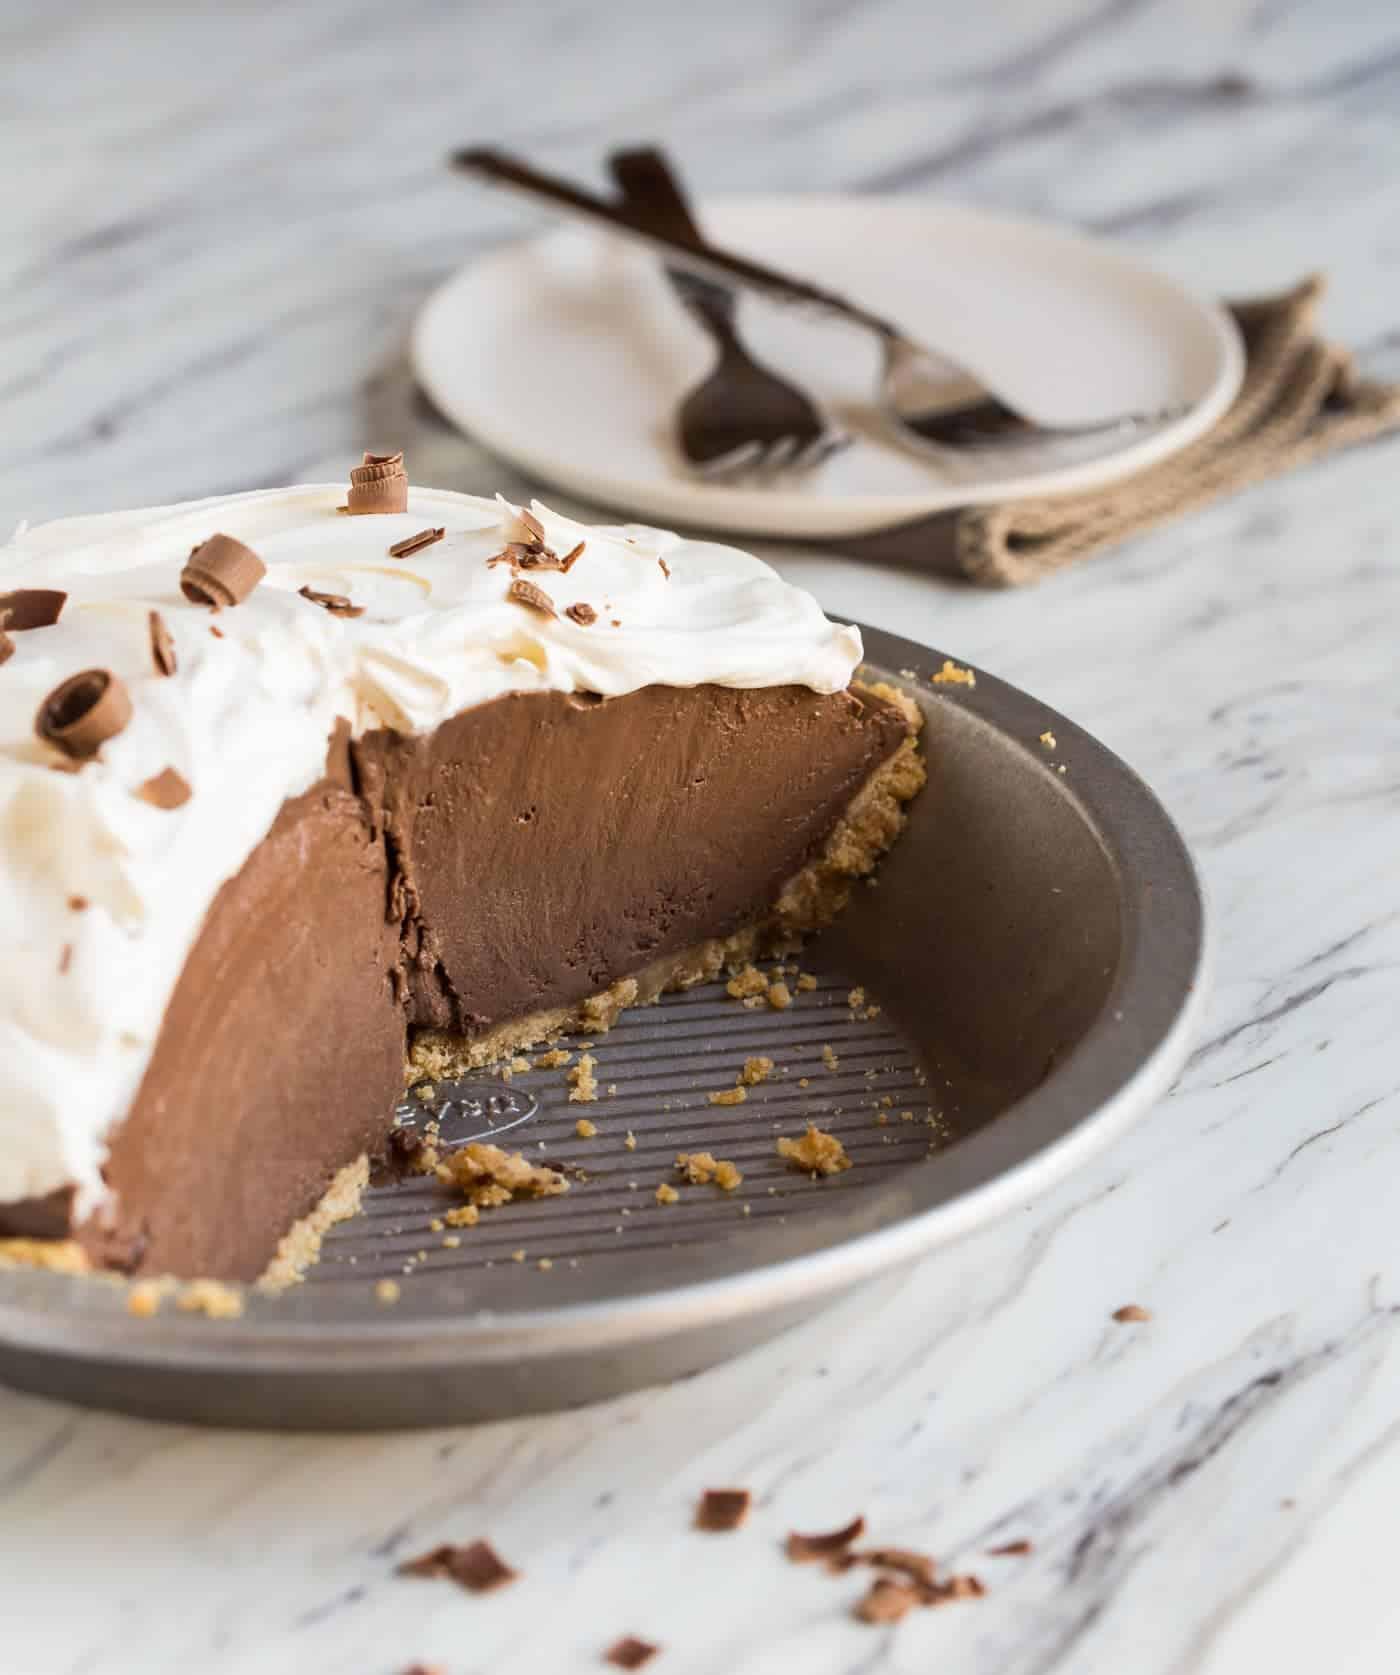 Baked Chocolate Pudding Cake